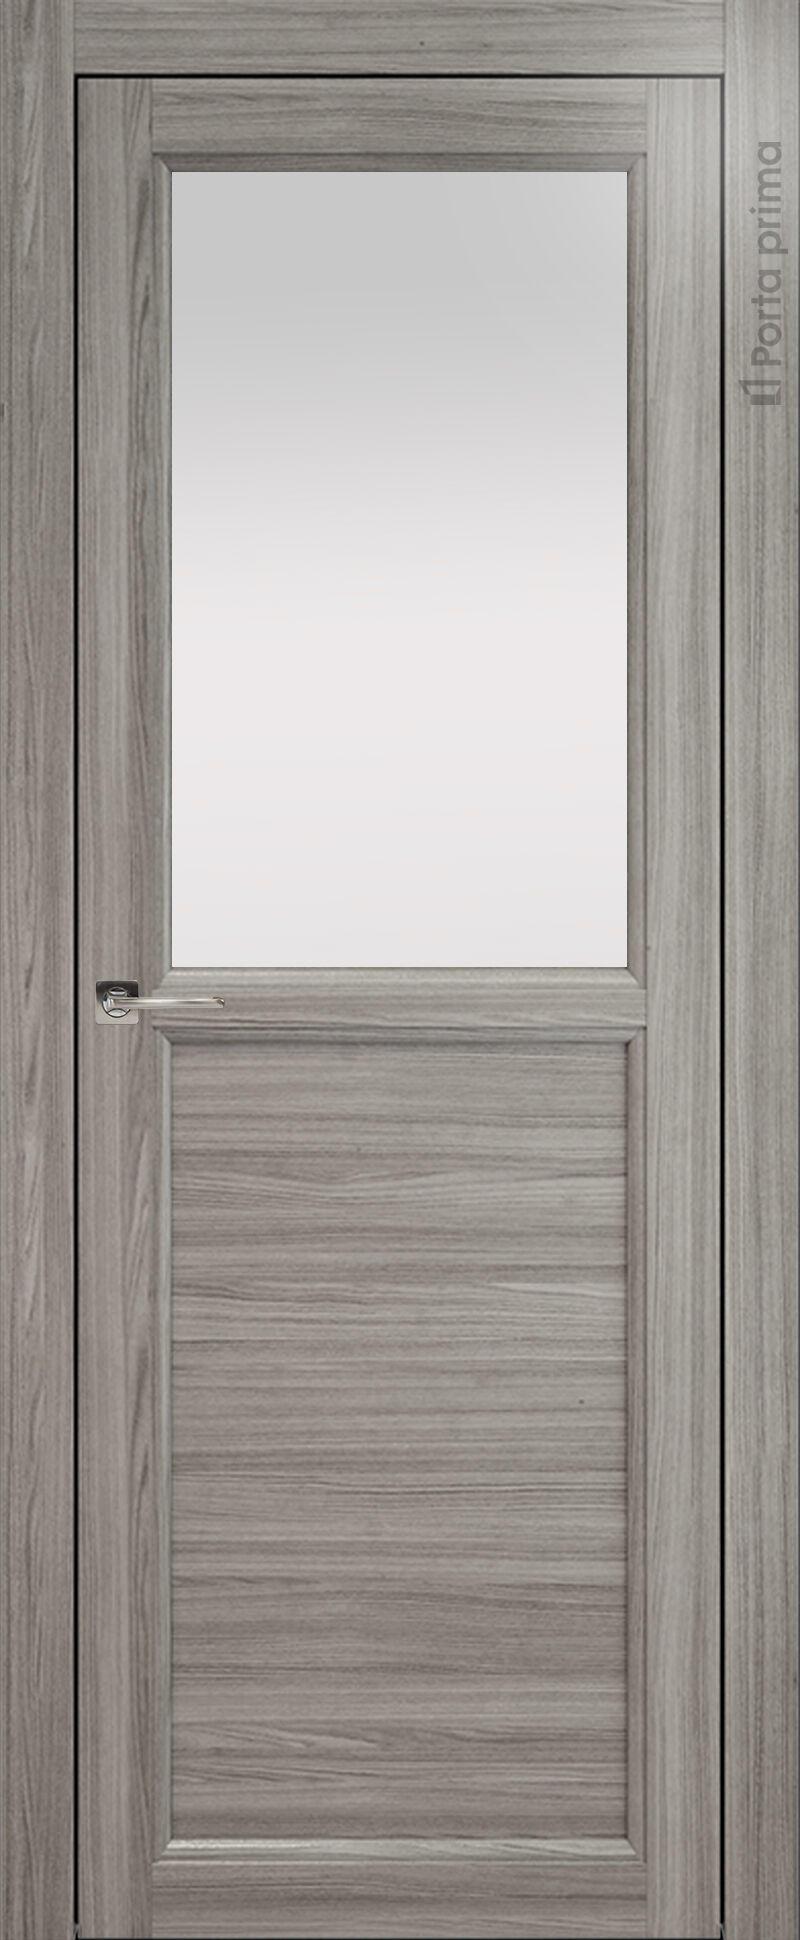 Sorrento-R Б1 цвет - Орех пепельный Со стеклом (ДО)